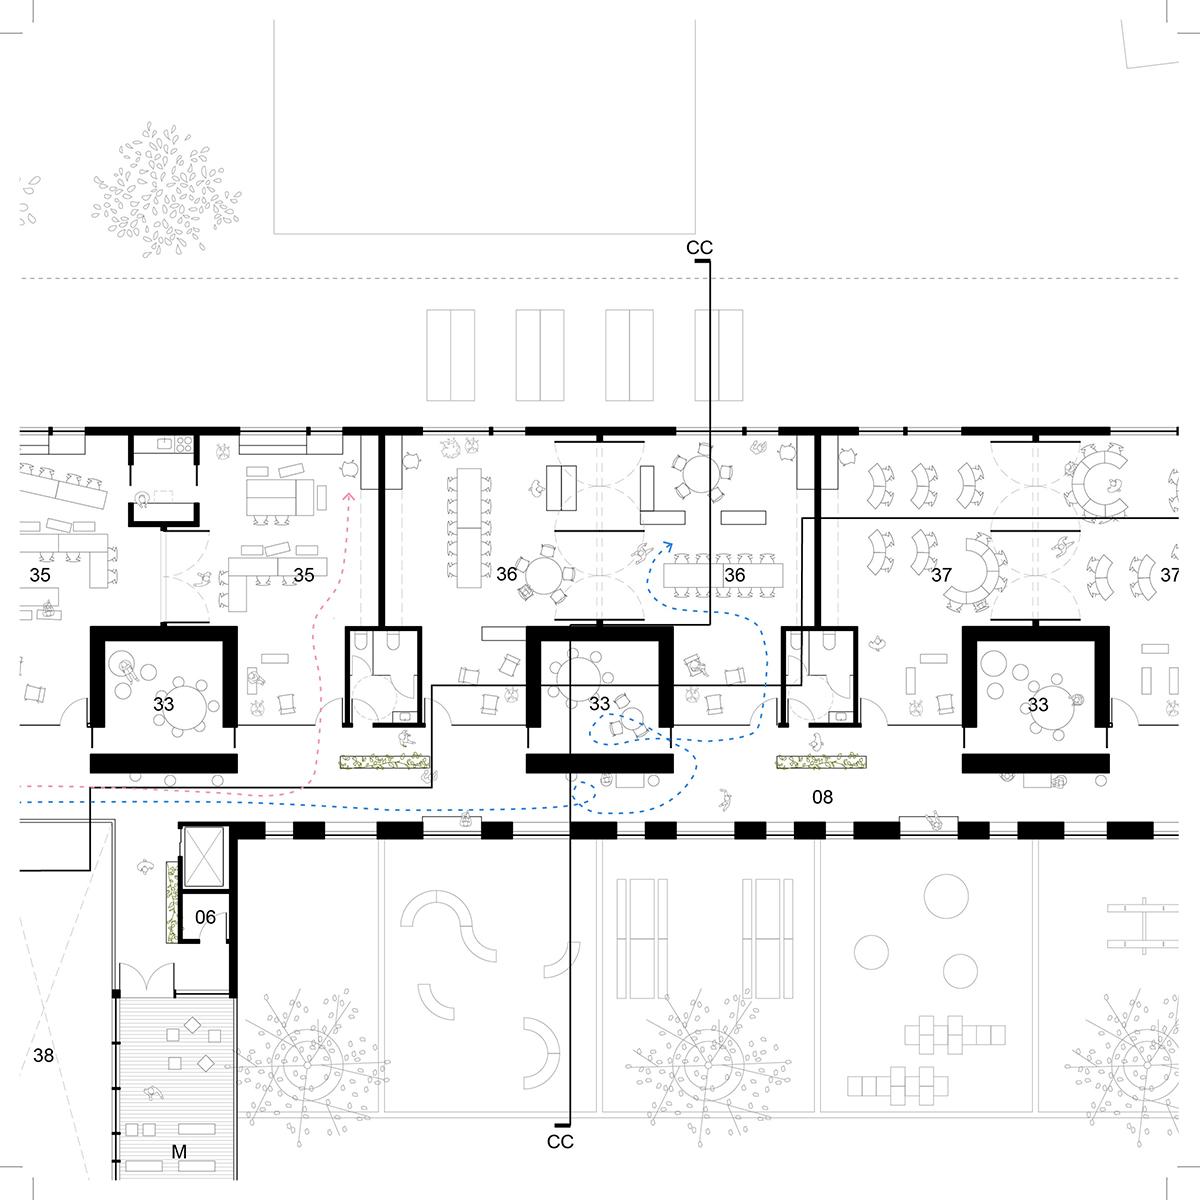 Plan d'une salle de classe par AUpoint et Patriarche Canada, pour le concours du Lab-École à Maskinongé, présenté dans le cadre de l'exposition «Devoirs d'architecture».